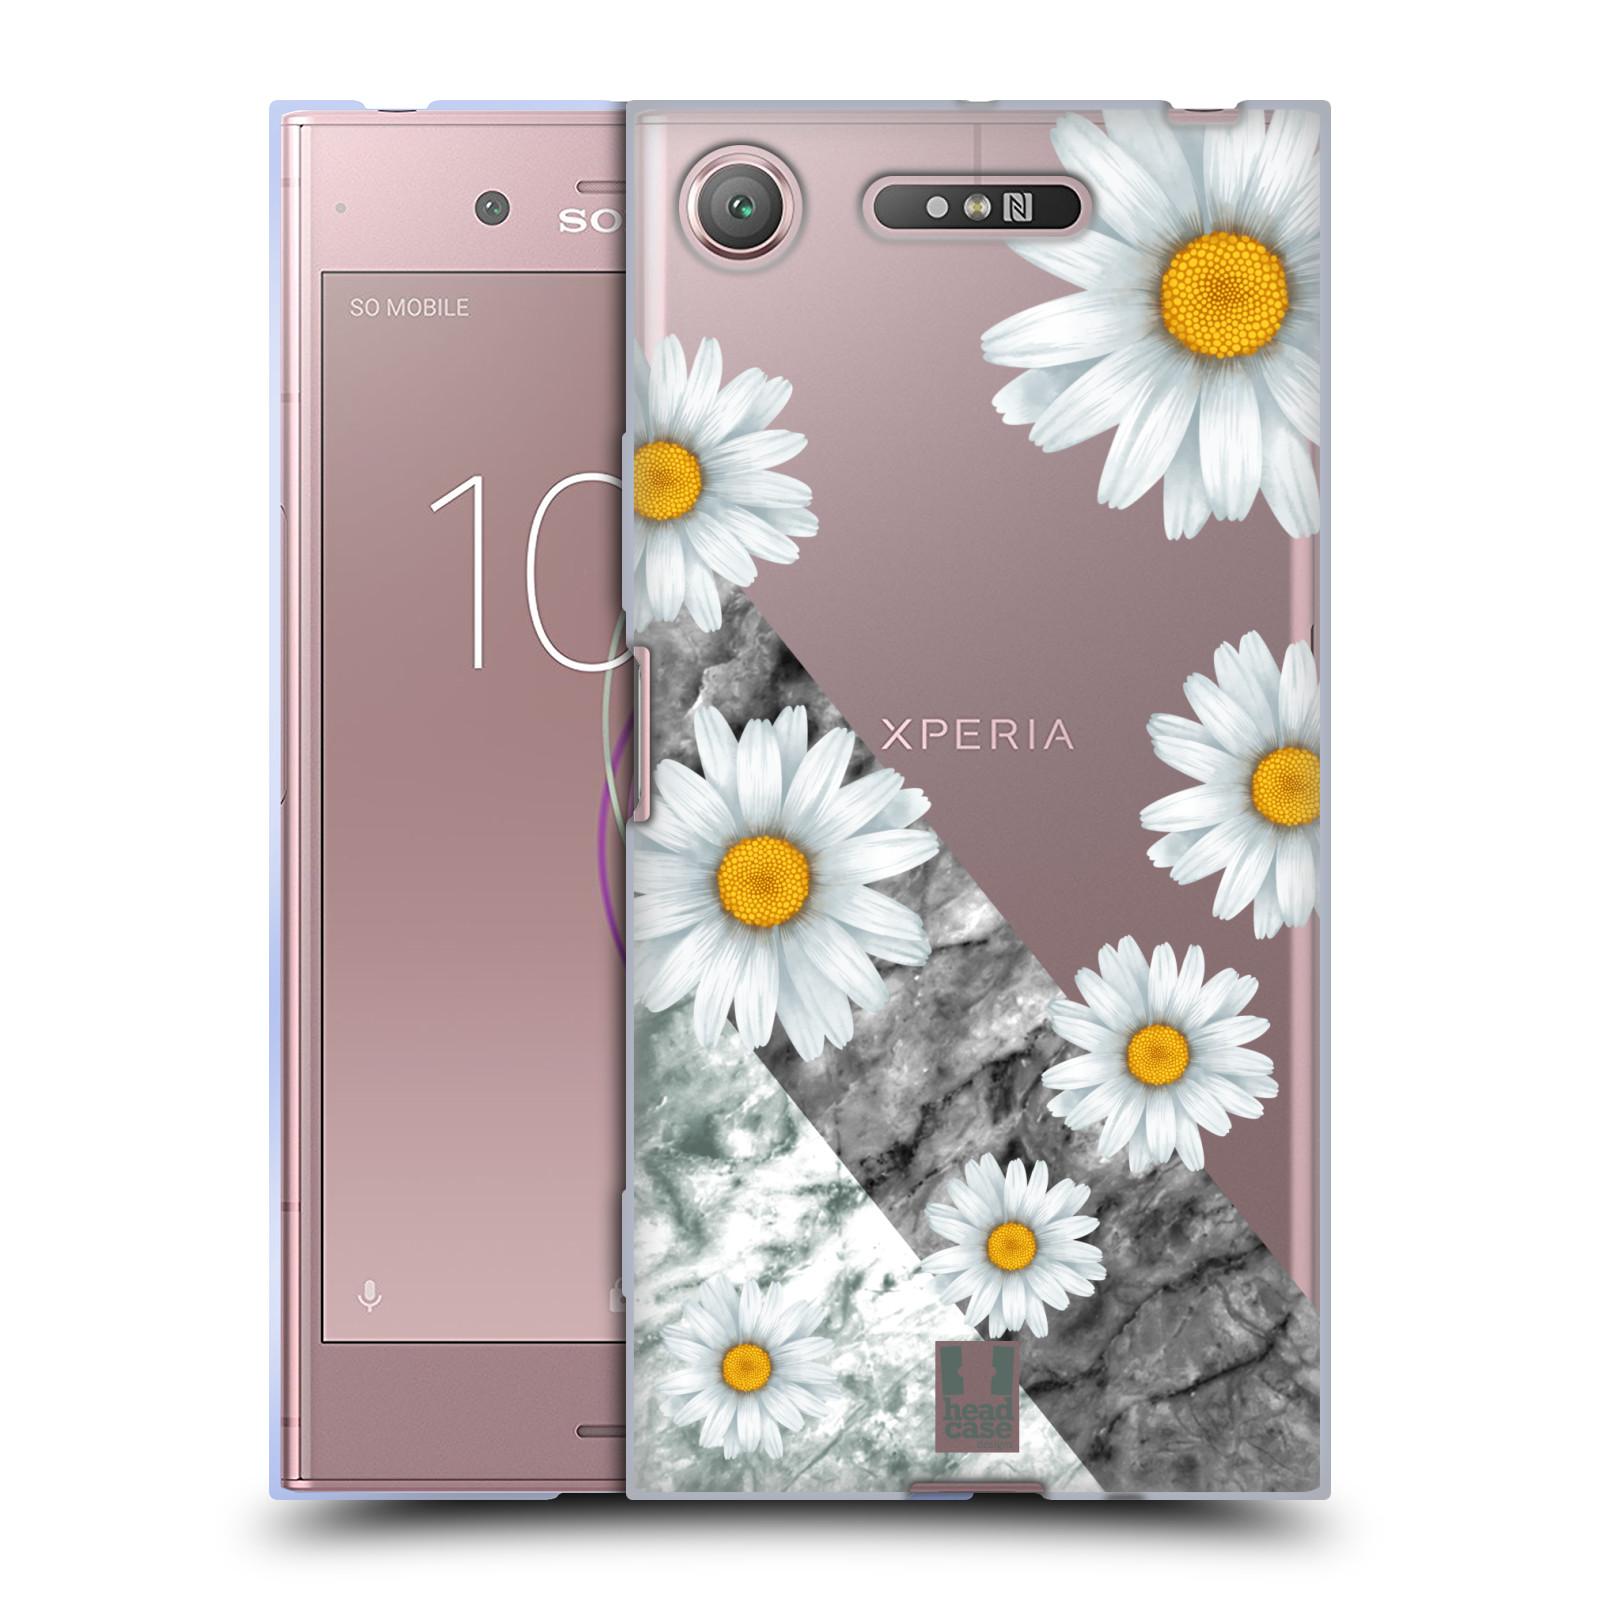 Silikonové pouzdro na mobil Sony Xperia XZ1 - Head Case - Kopretiny a mramor